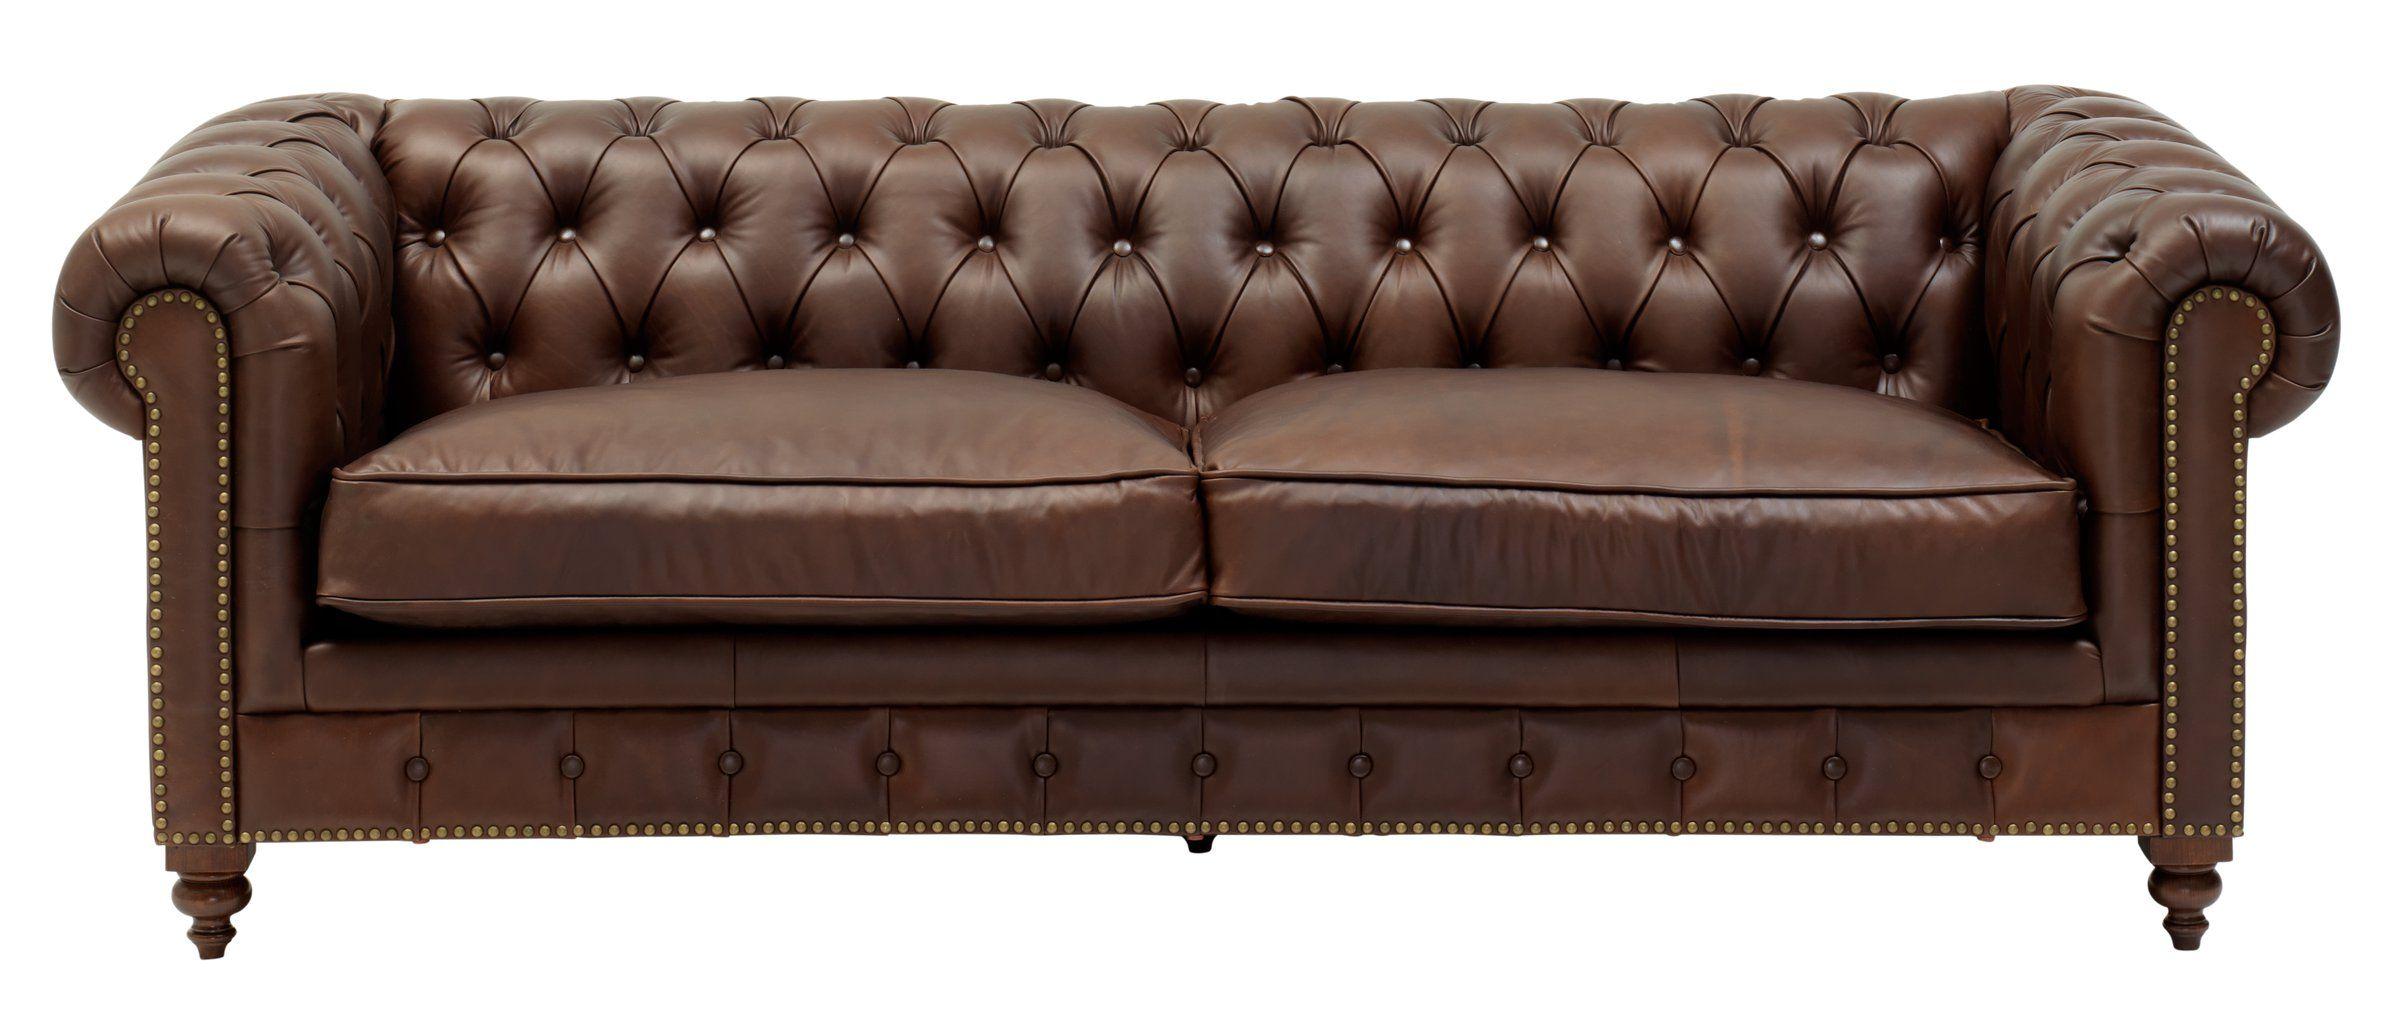 Marvelous 3er Sofa WAGNER   Sofas Bei Micasa.ch. Lieferung Zu Ihnen Nach Hause Great Pictures